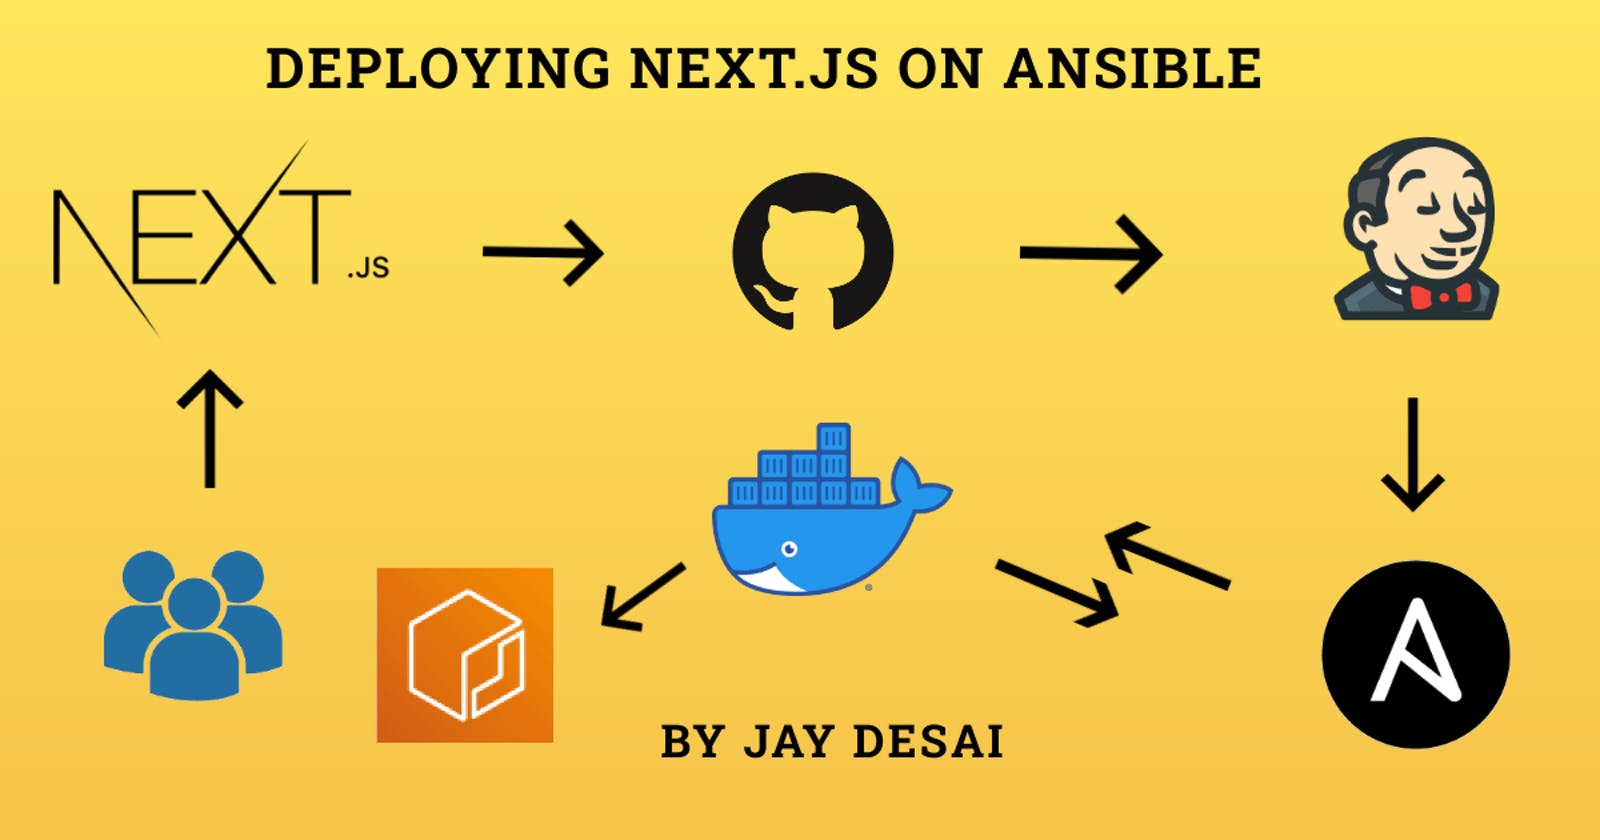 DevOps 101 - Deploying Next.js on Ansible